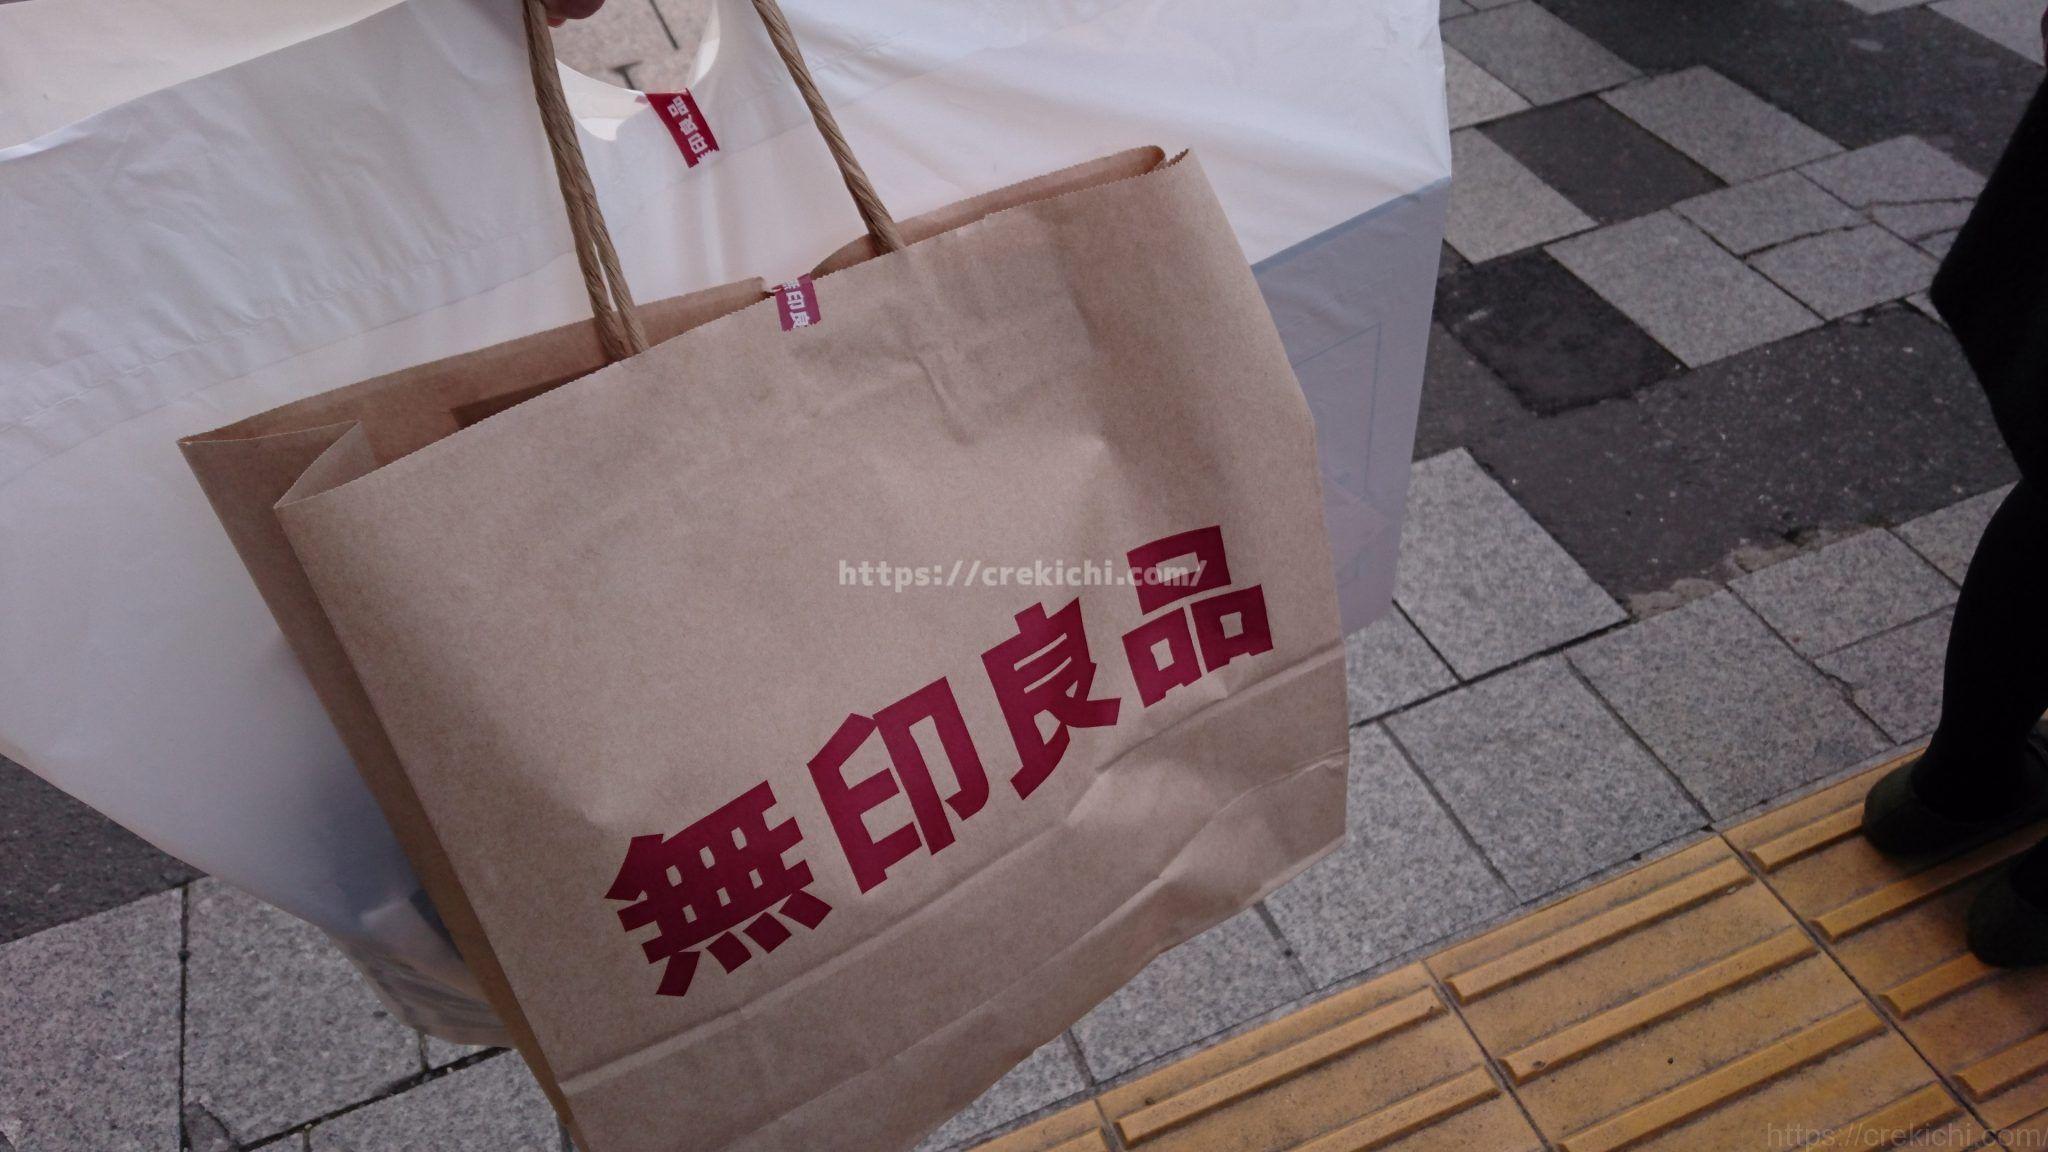 上野丸井 無印良品週間+マルコとマルオ